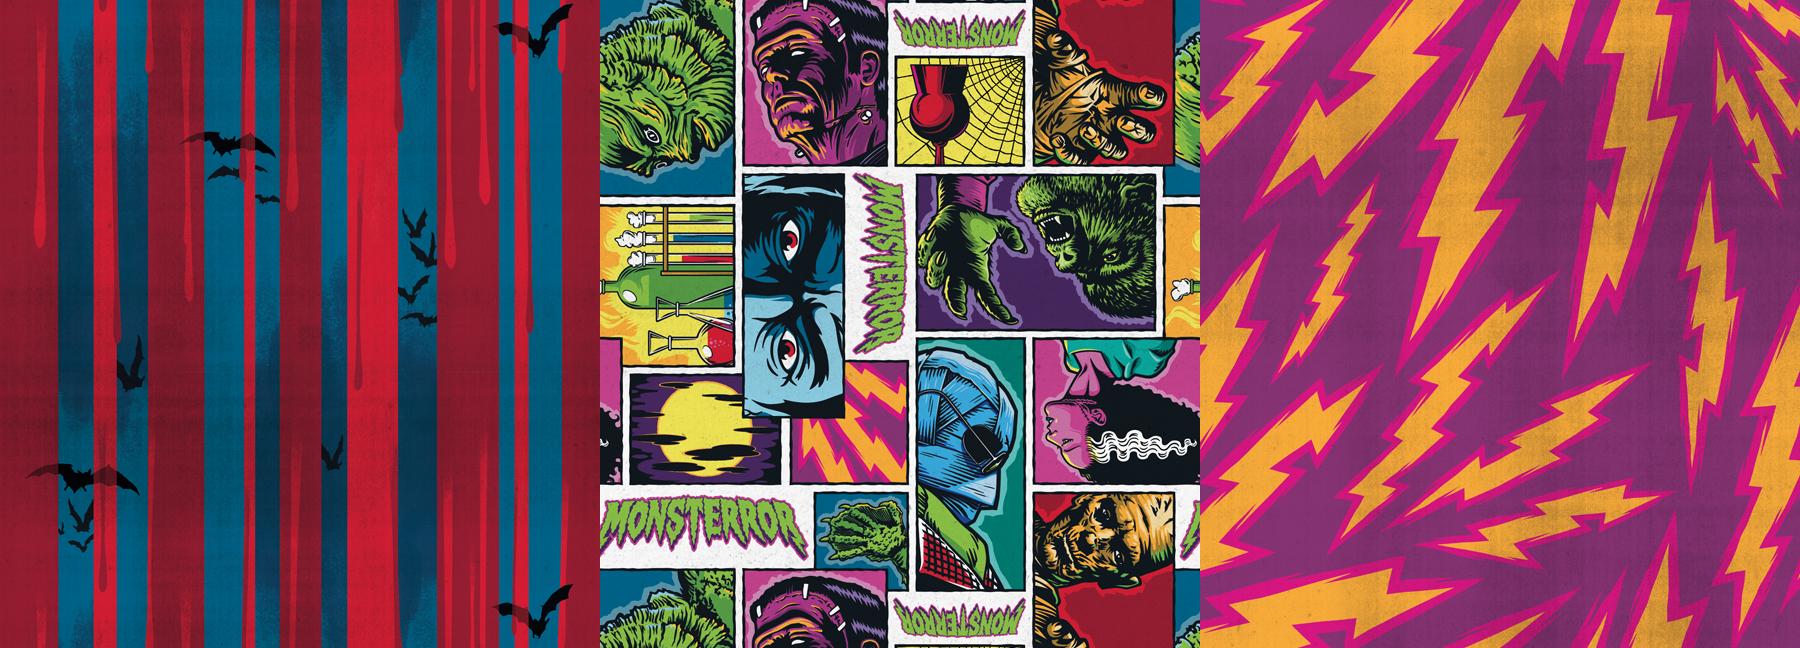 Monsterror Style Guide Design - Panel 8